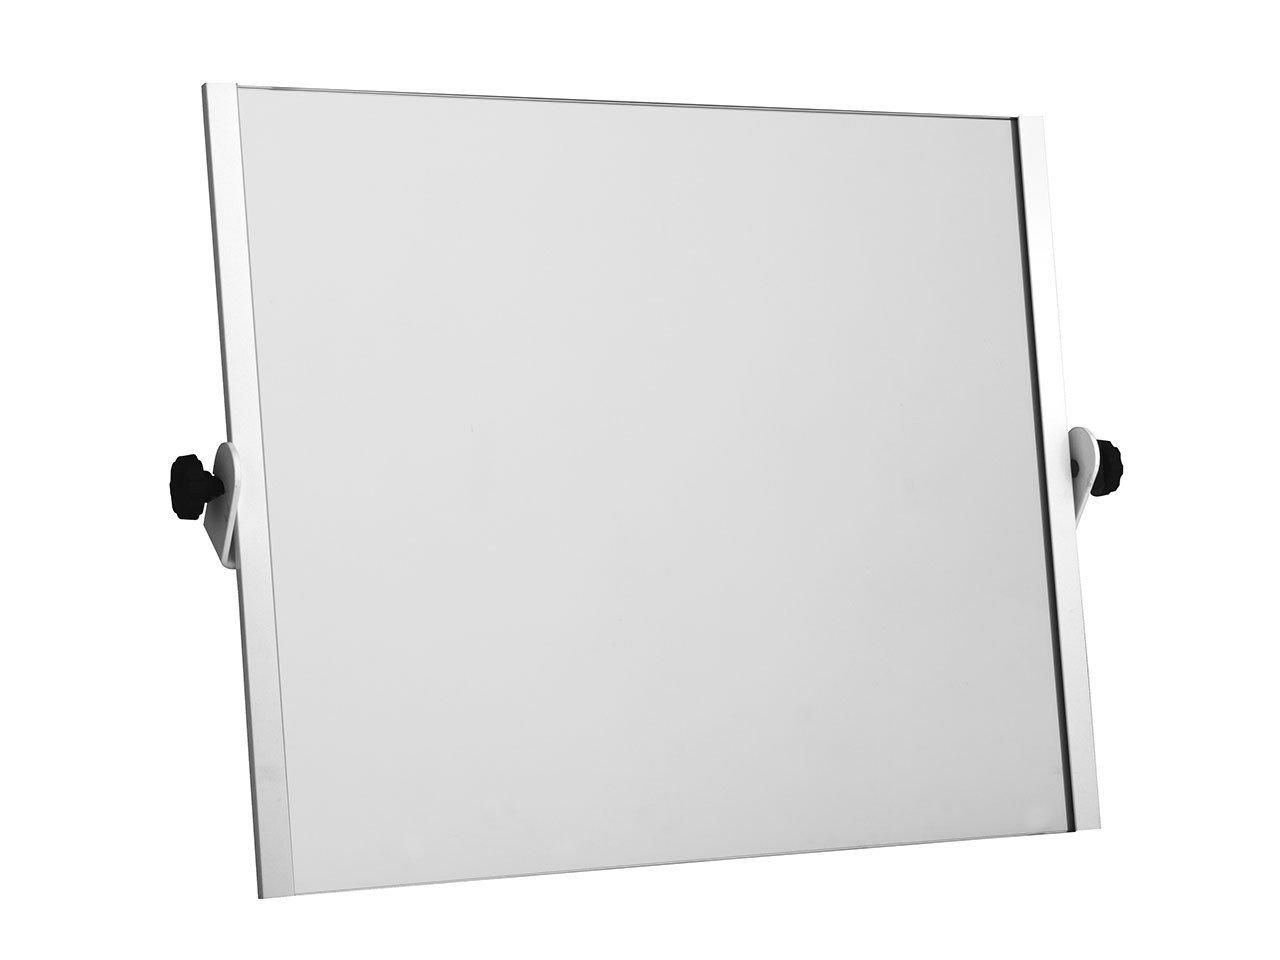 Sicura specchio basculante 60x50 bianco iperceramica - Specchio bianco ...